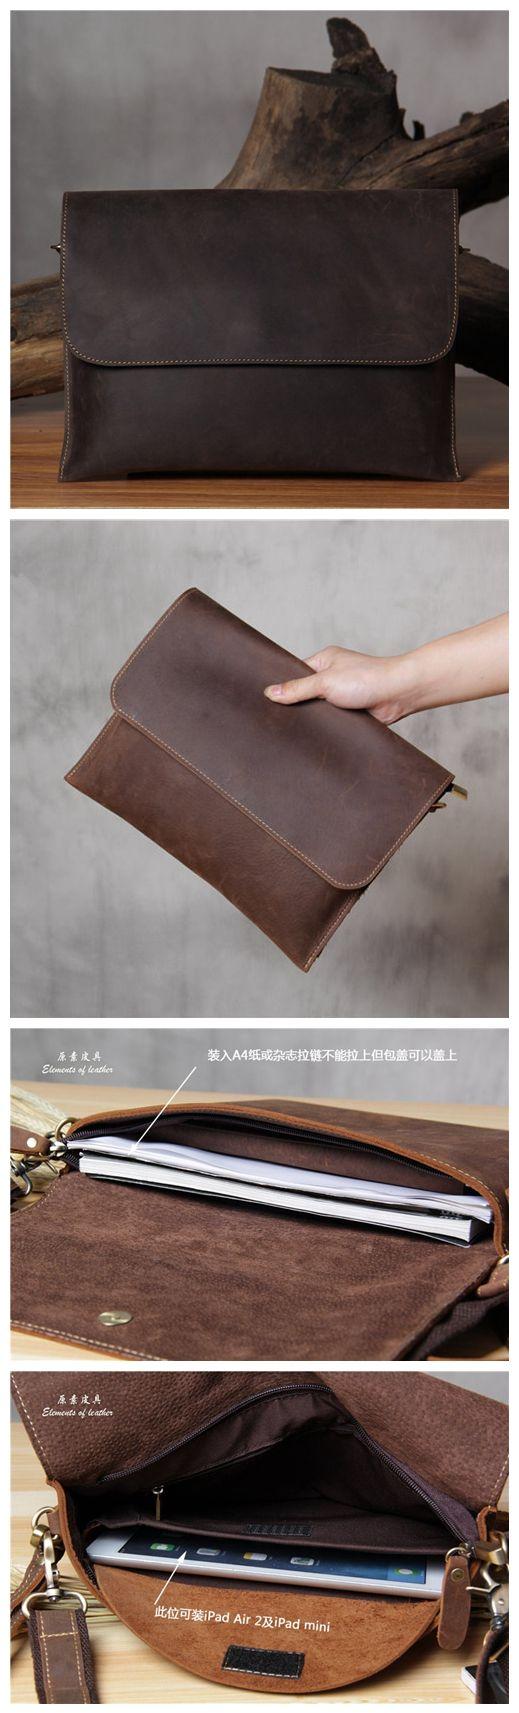 Handmade Genuine Leather Messenger Shoulder Bag, Satchel Bag More